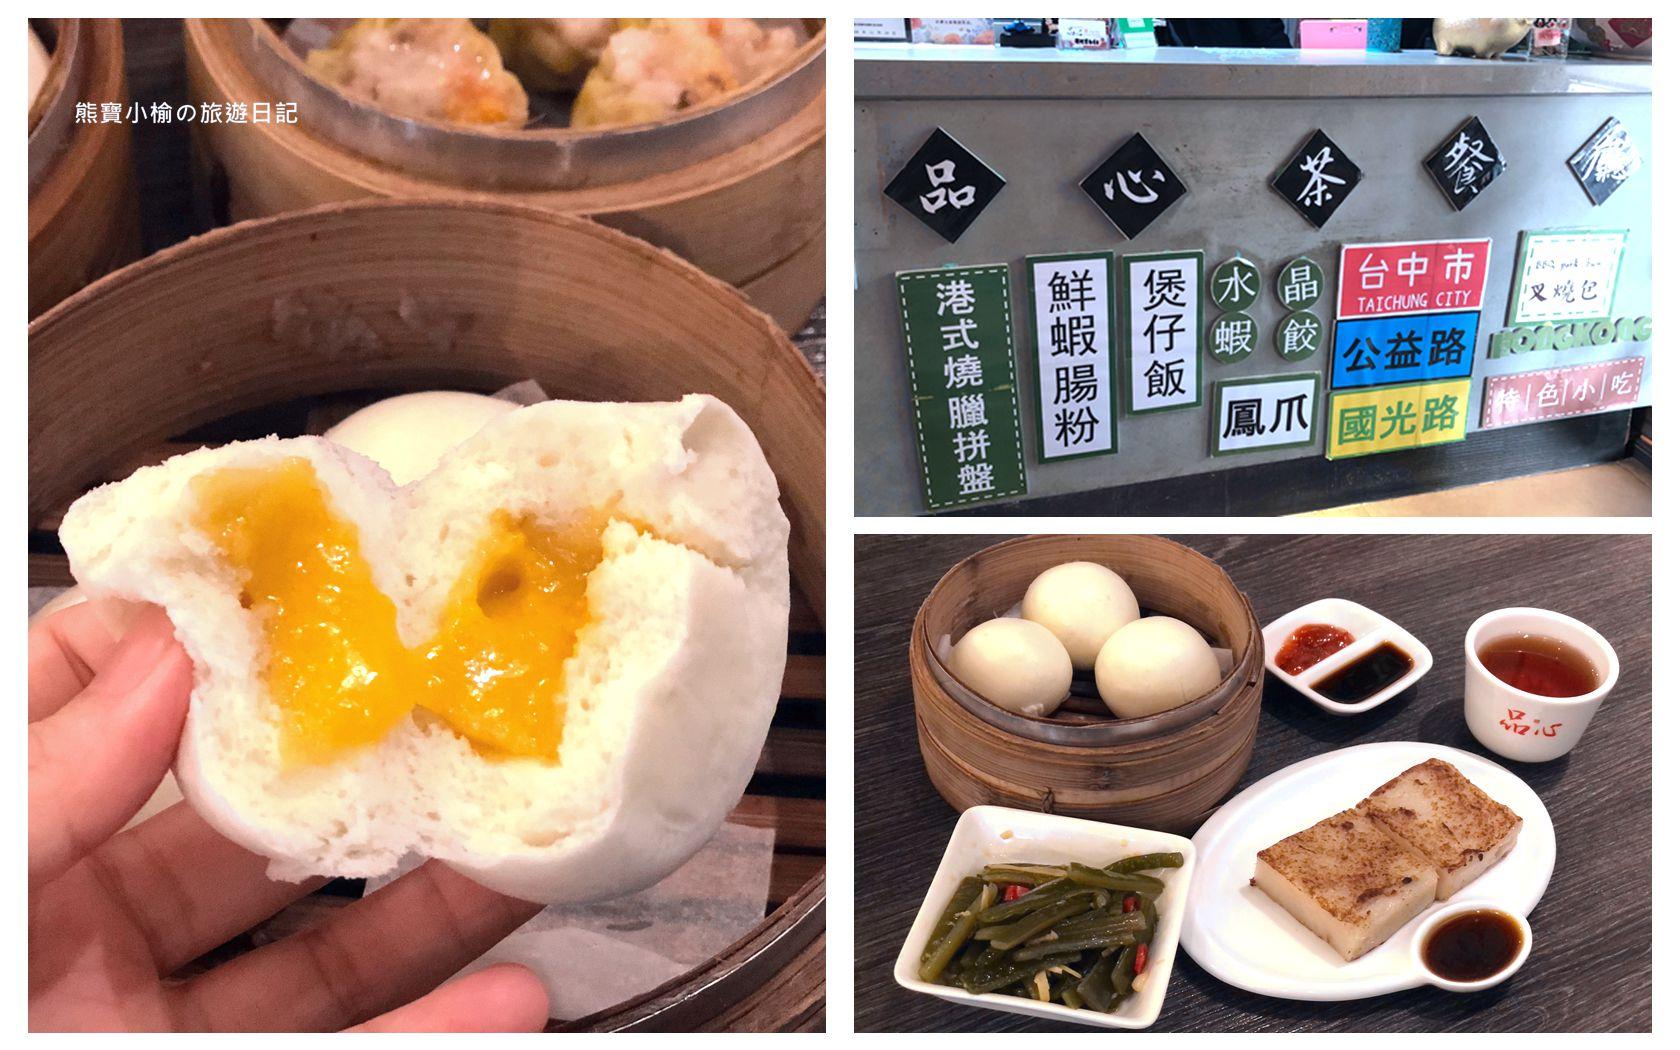 【美食】台中 石二鍋 @大里大買家店/近中興大學/單點也能這樣點 @熊寶小榆の旅遊日記